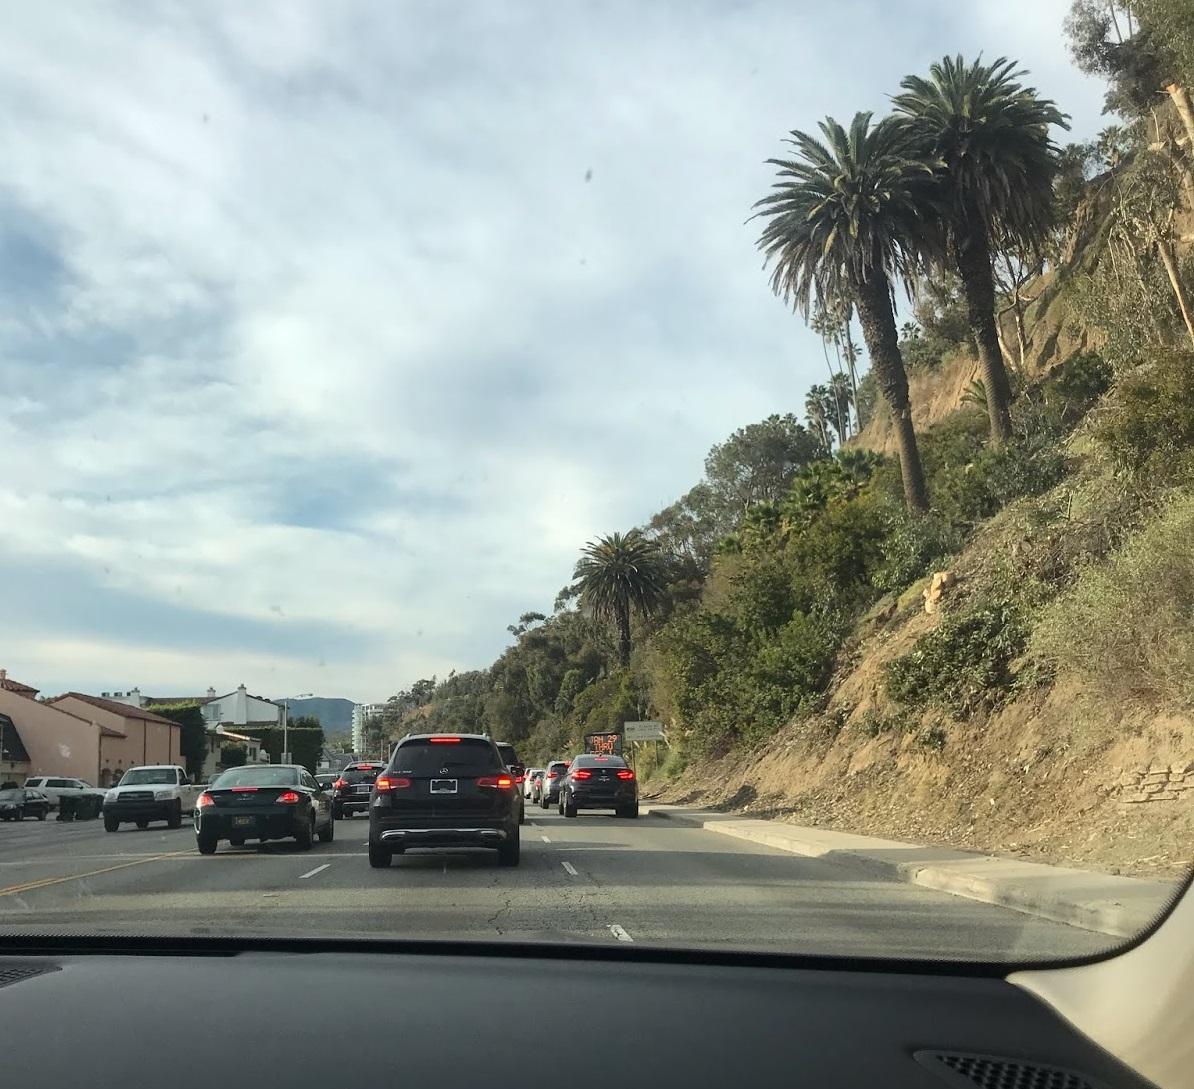 Estrada em LA